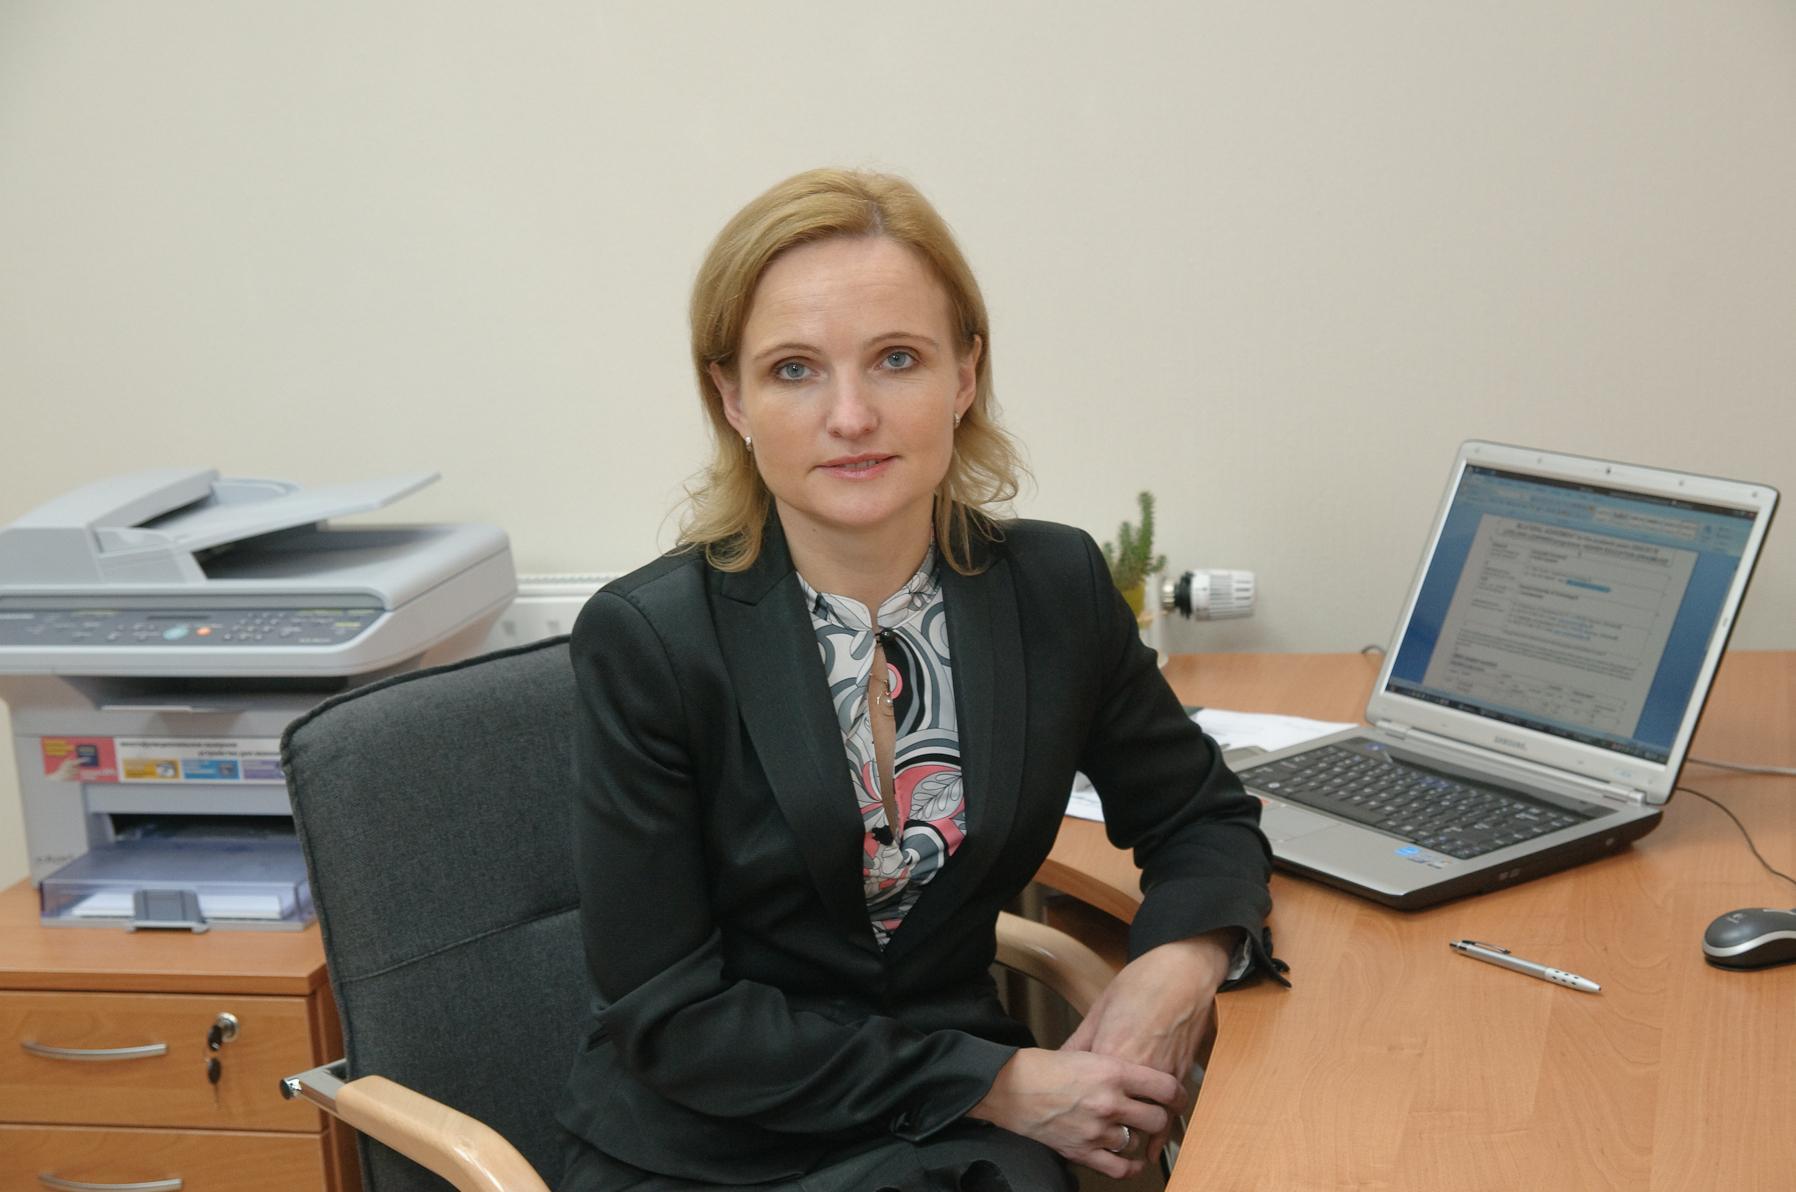 KTU Socialinių, humanitarinių mokslų ir menų fakulteto docentė Rūta Brazienė